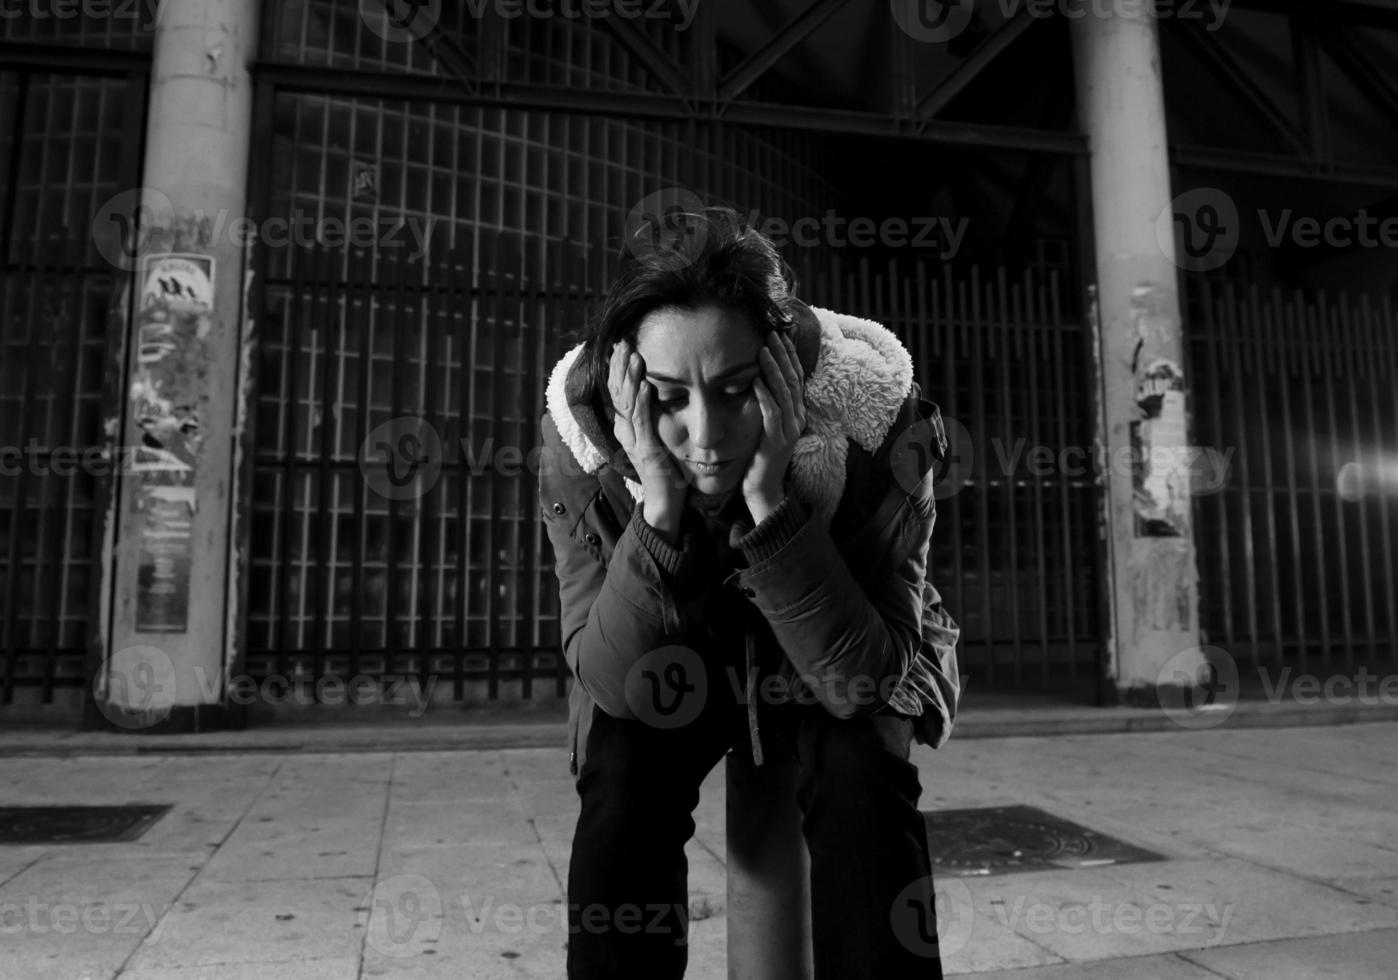 femme seule dans la rue souffrant de dépression à la triste désespérée photo